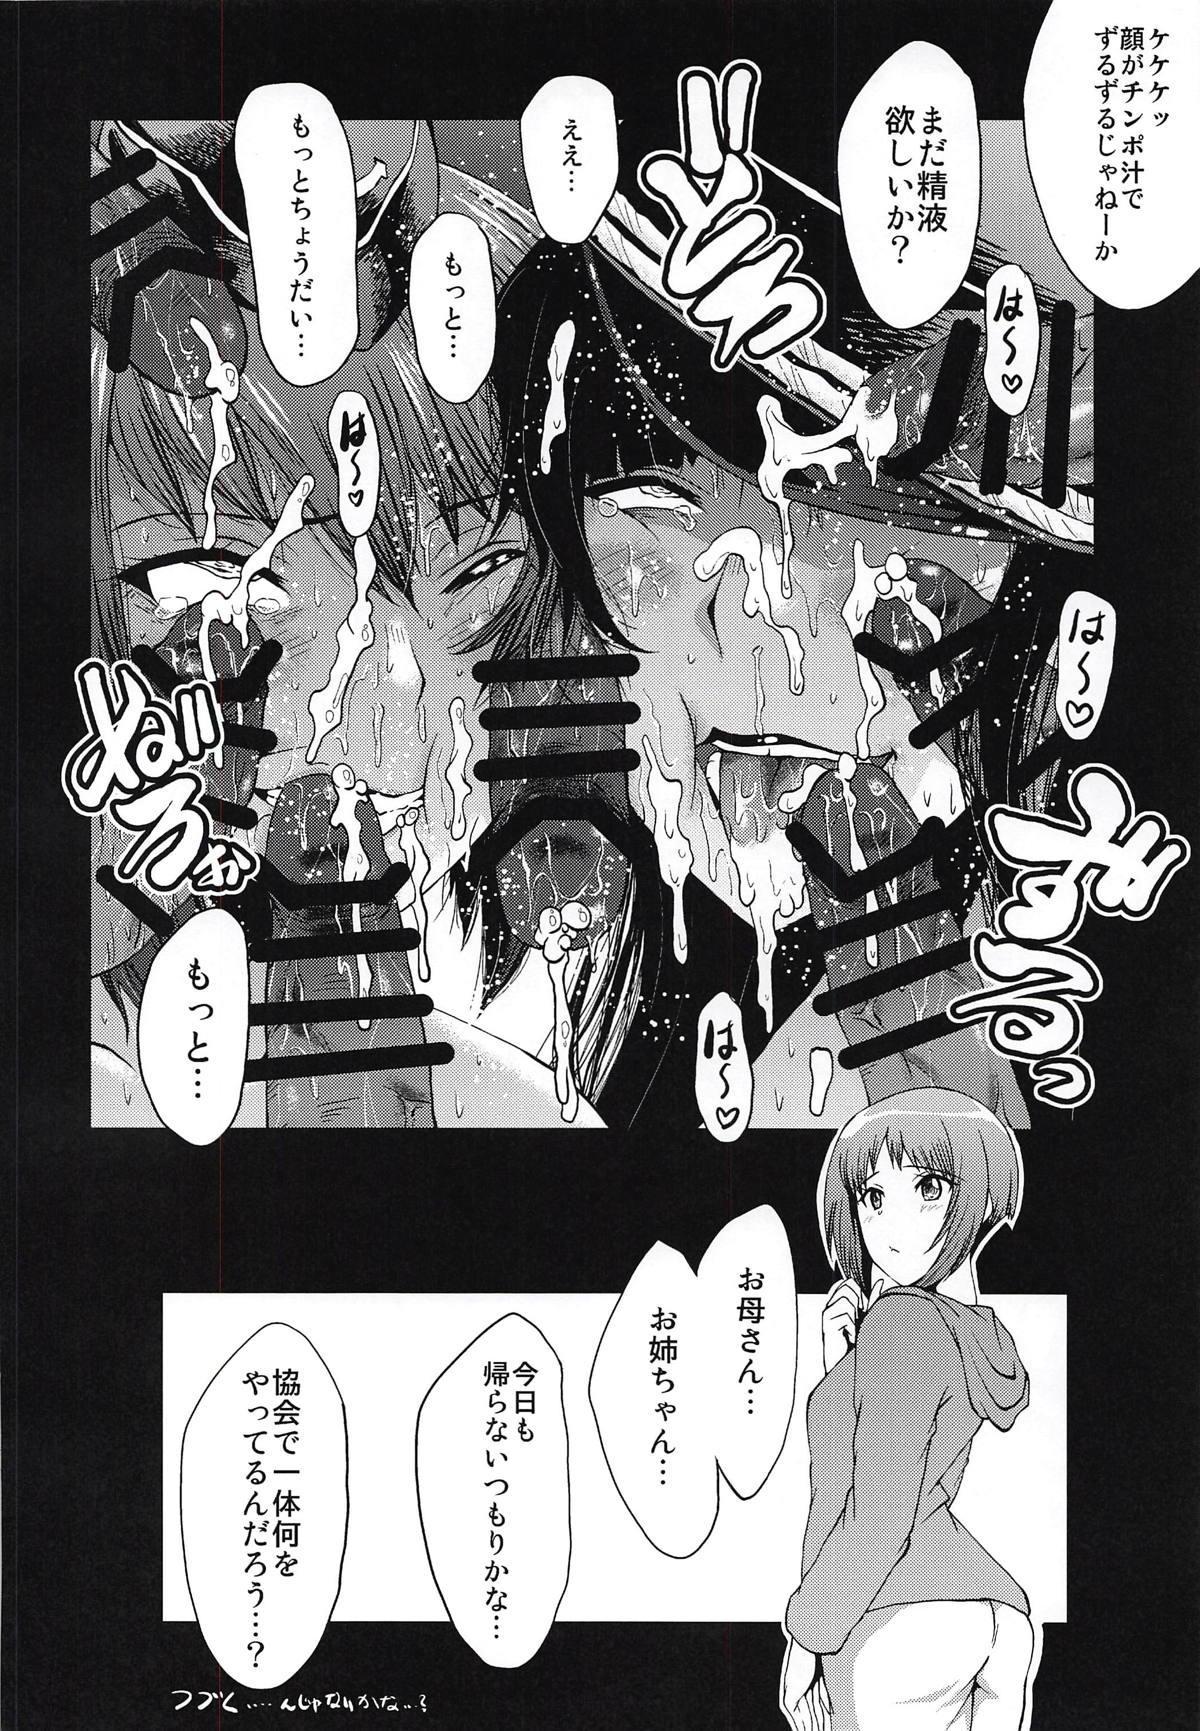 Urabambi Vol. 57 Taihai no Koutetsu Fujin 18